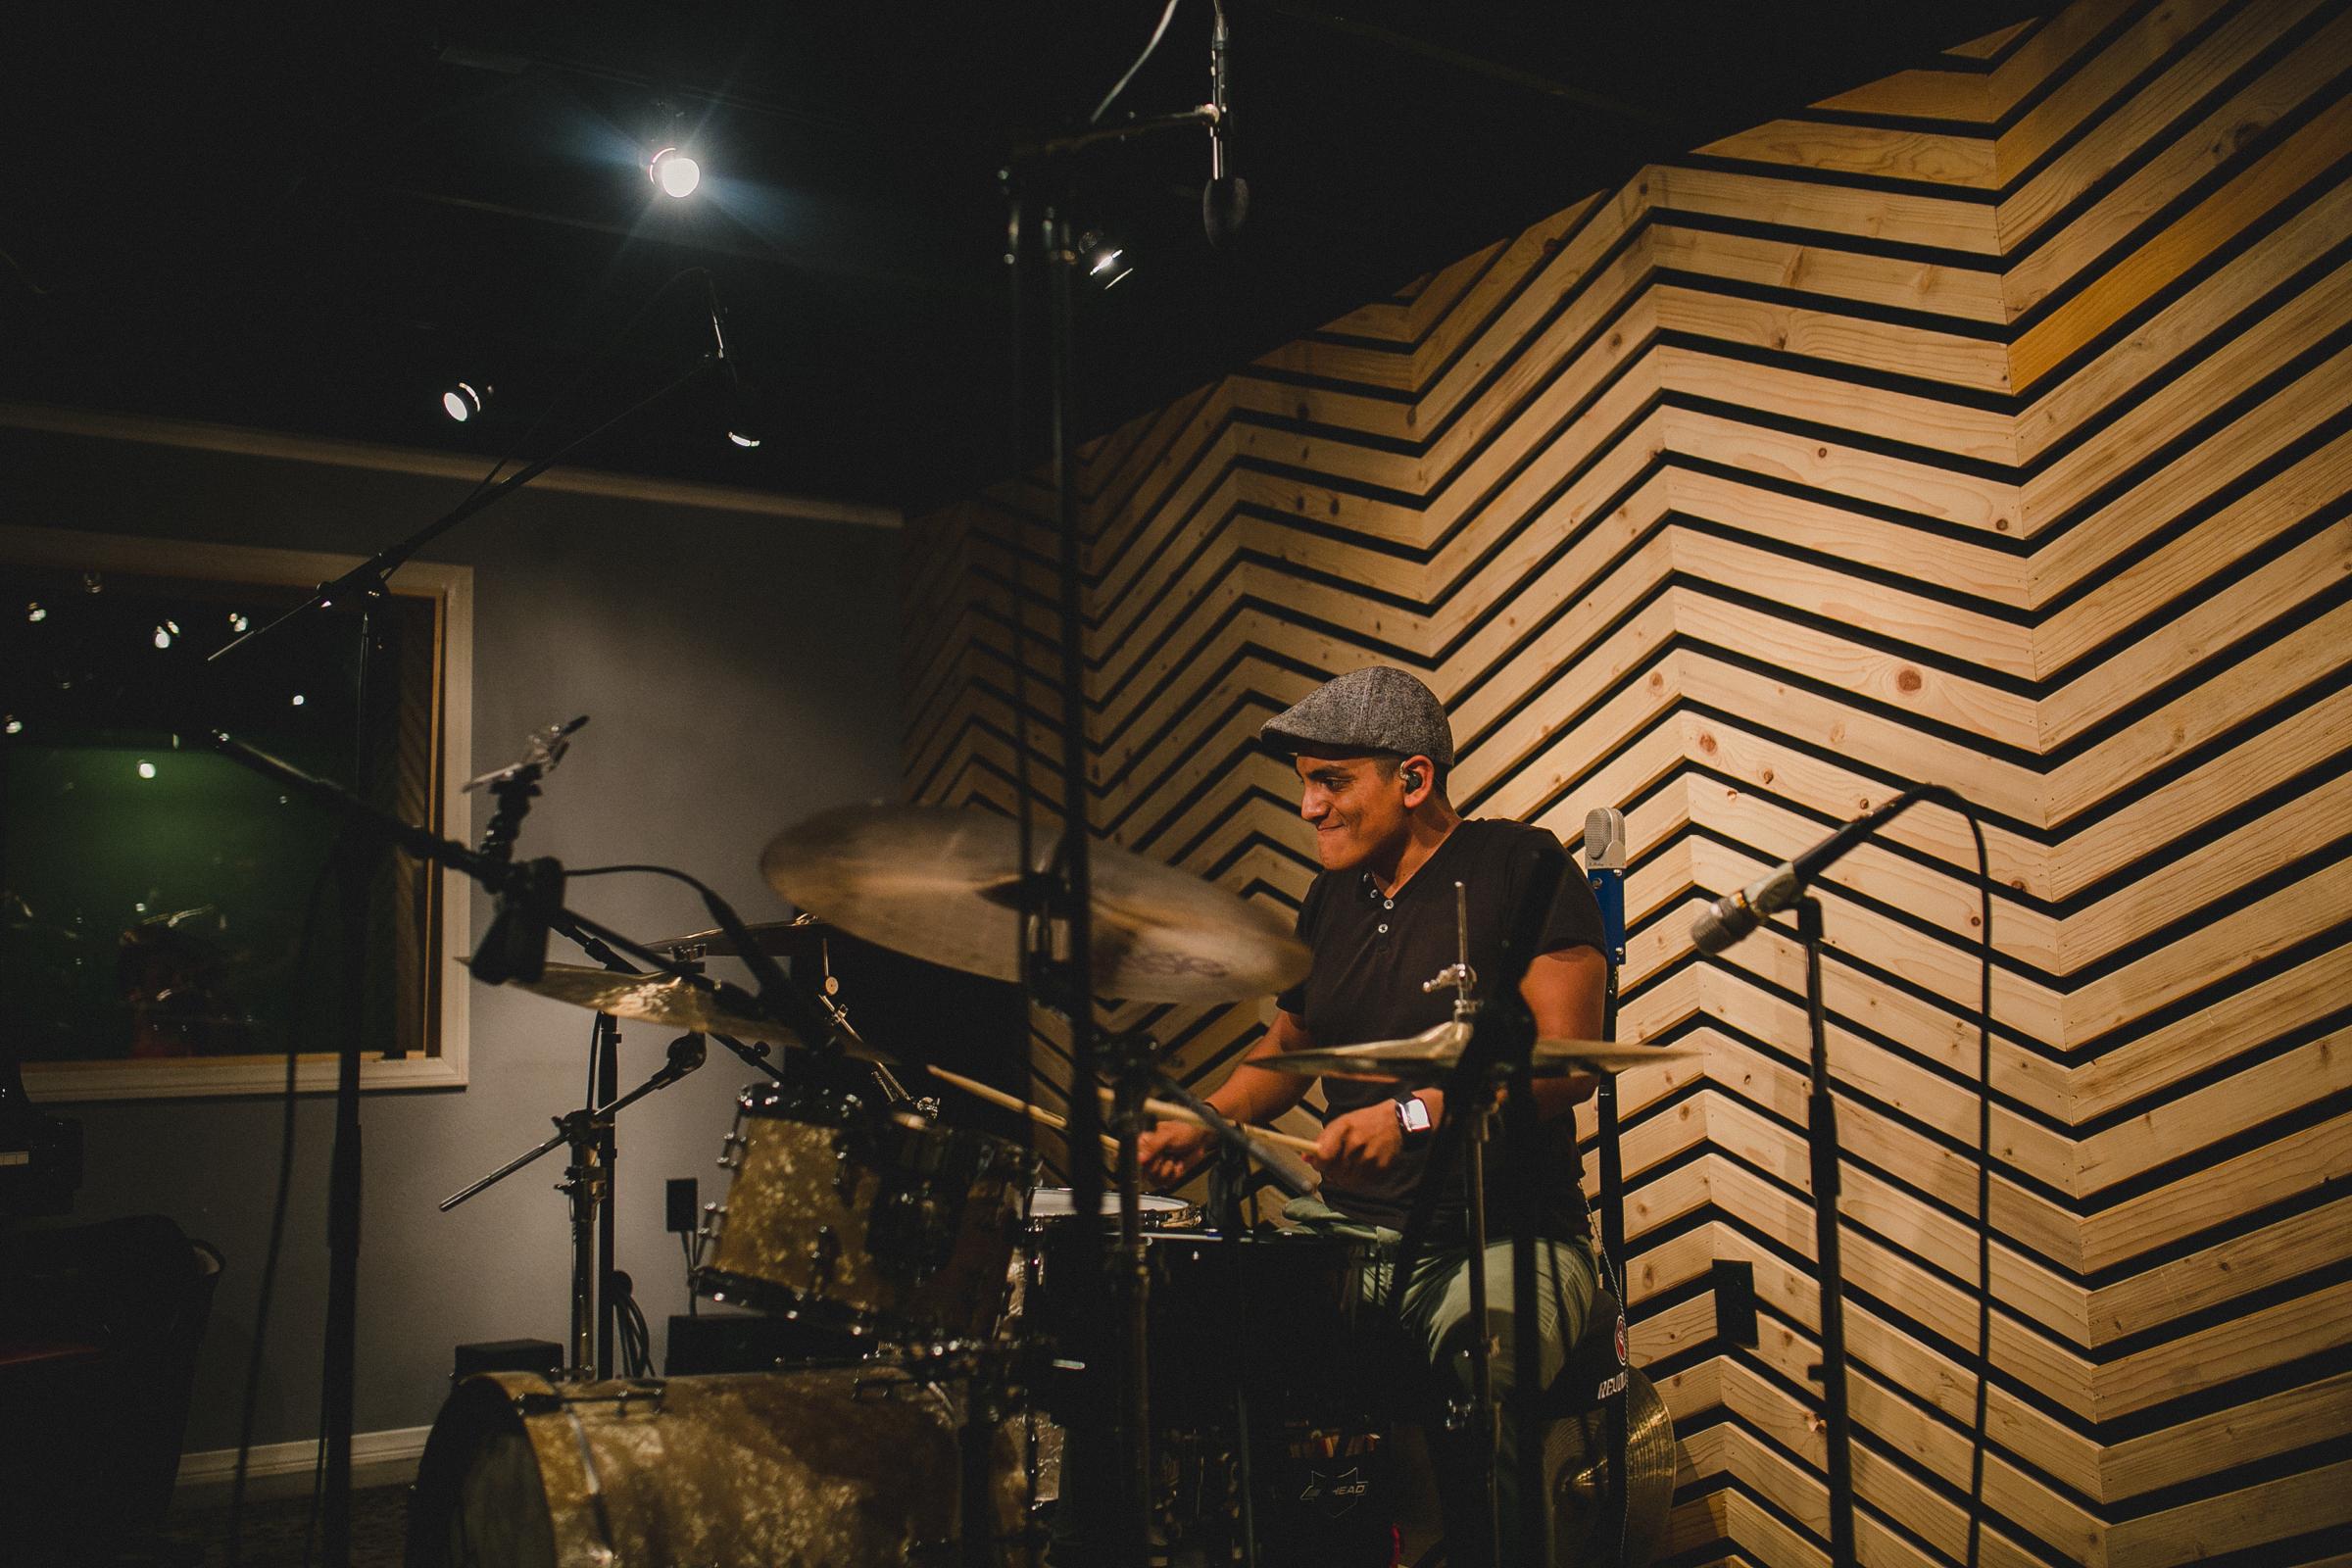 abe-tello-studio-gaggero-0919.jpg